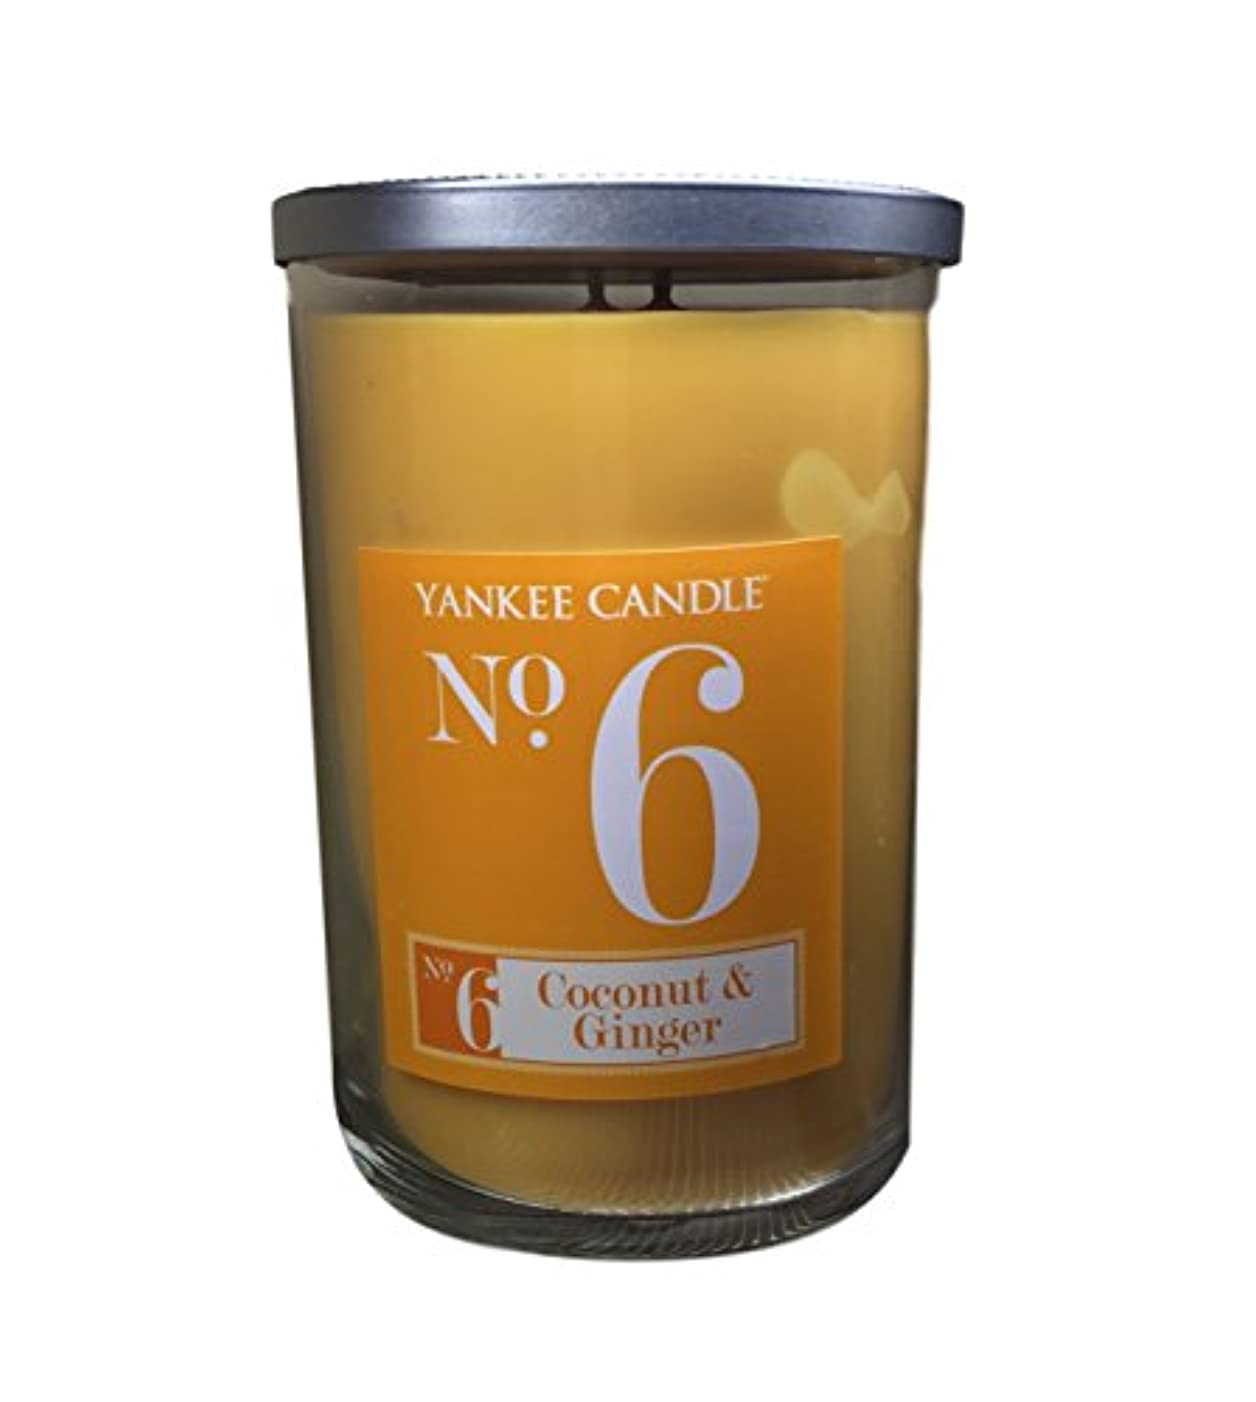 叫ぶレビュー説明的Yankee Candle No 6 Coconut & Ginger香りつきLarge 2 Wickタンブラー